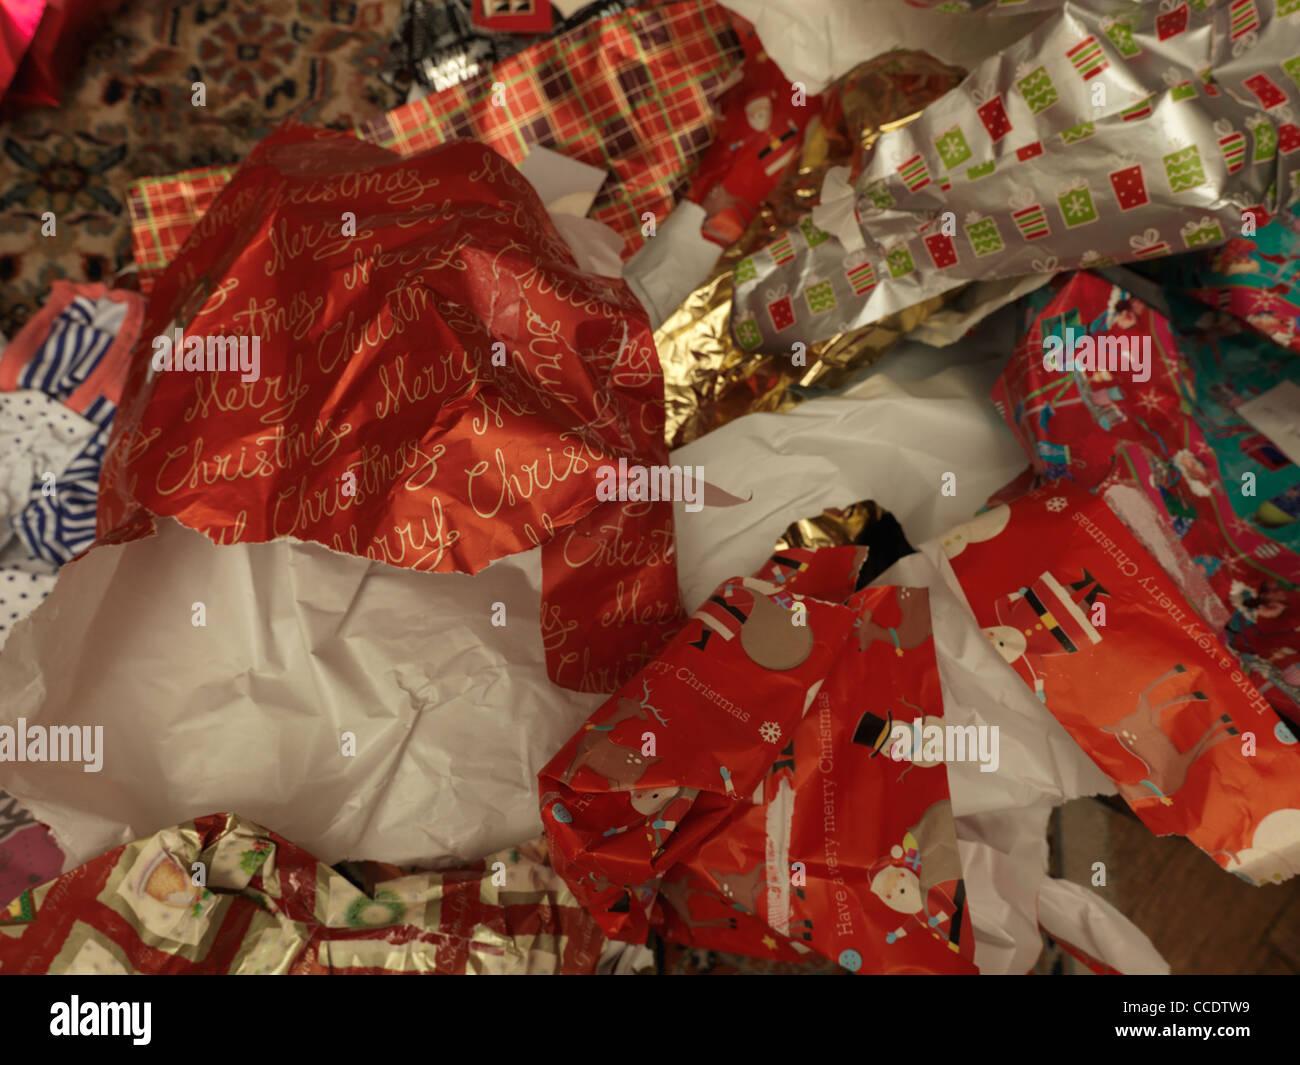 Pila de papel de regalo de Navidad después del uso Imagen De Stock